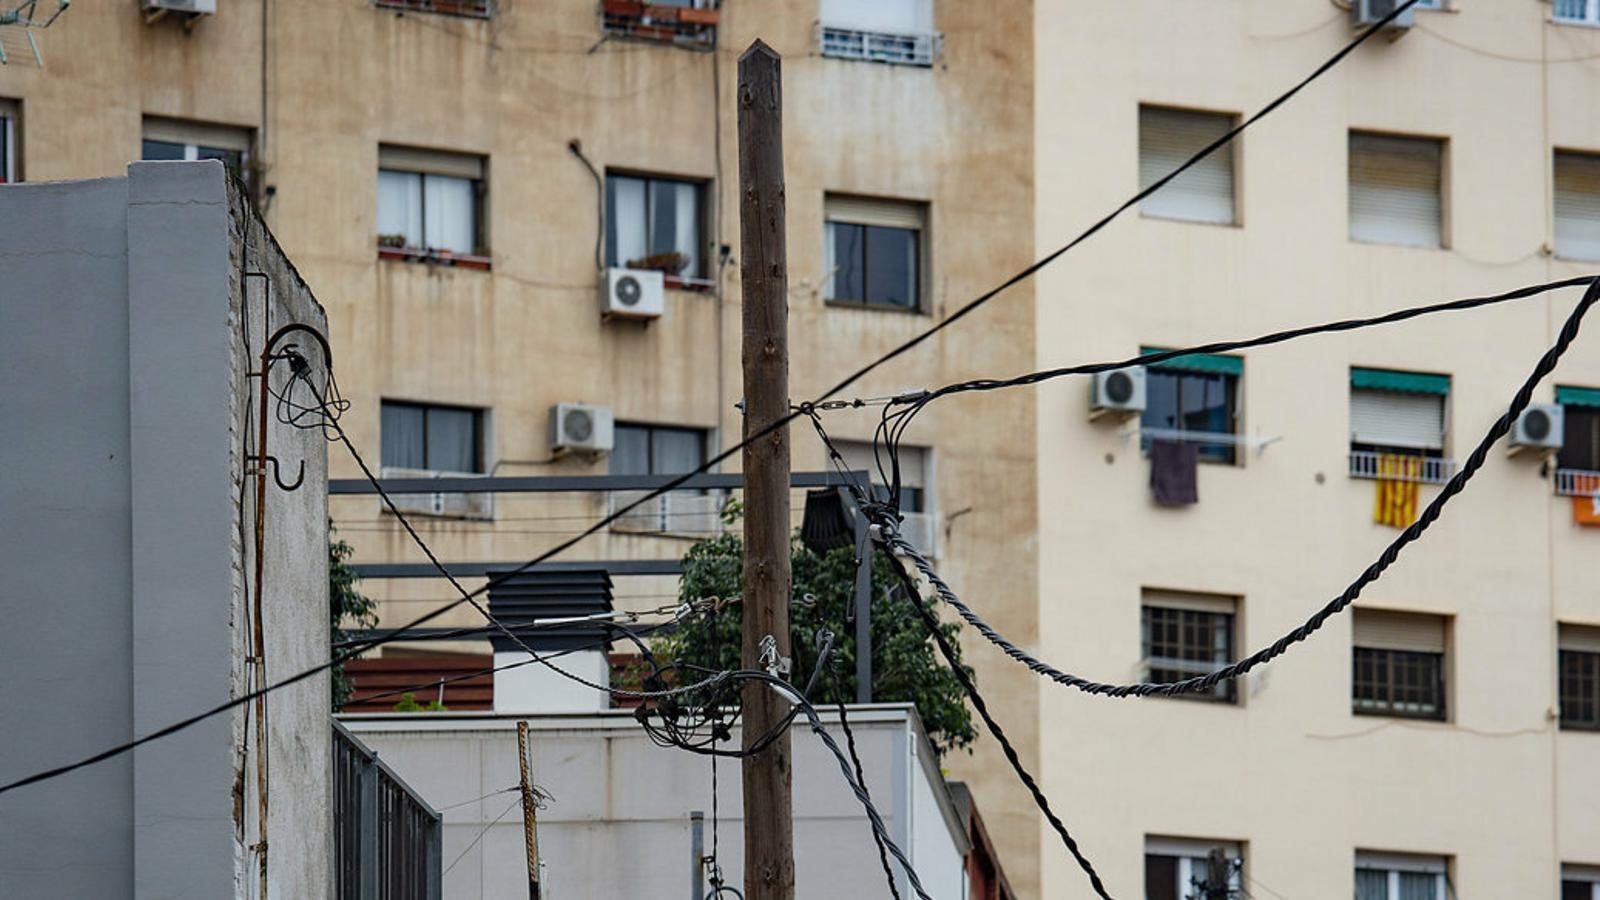 Passatge de l'Encarnació al barri del Guinardó de Barcelona, on encara es conserven petits nuclis de l'antiga barriada rural.